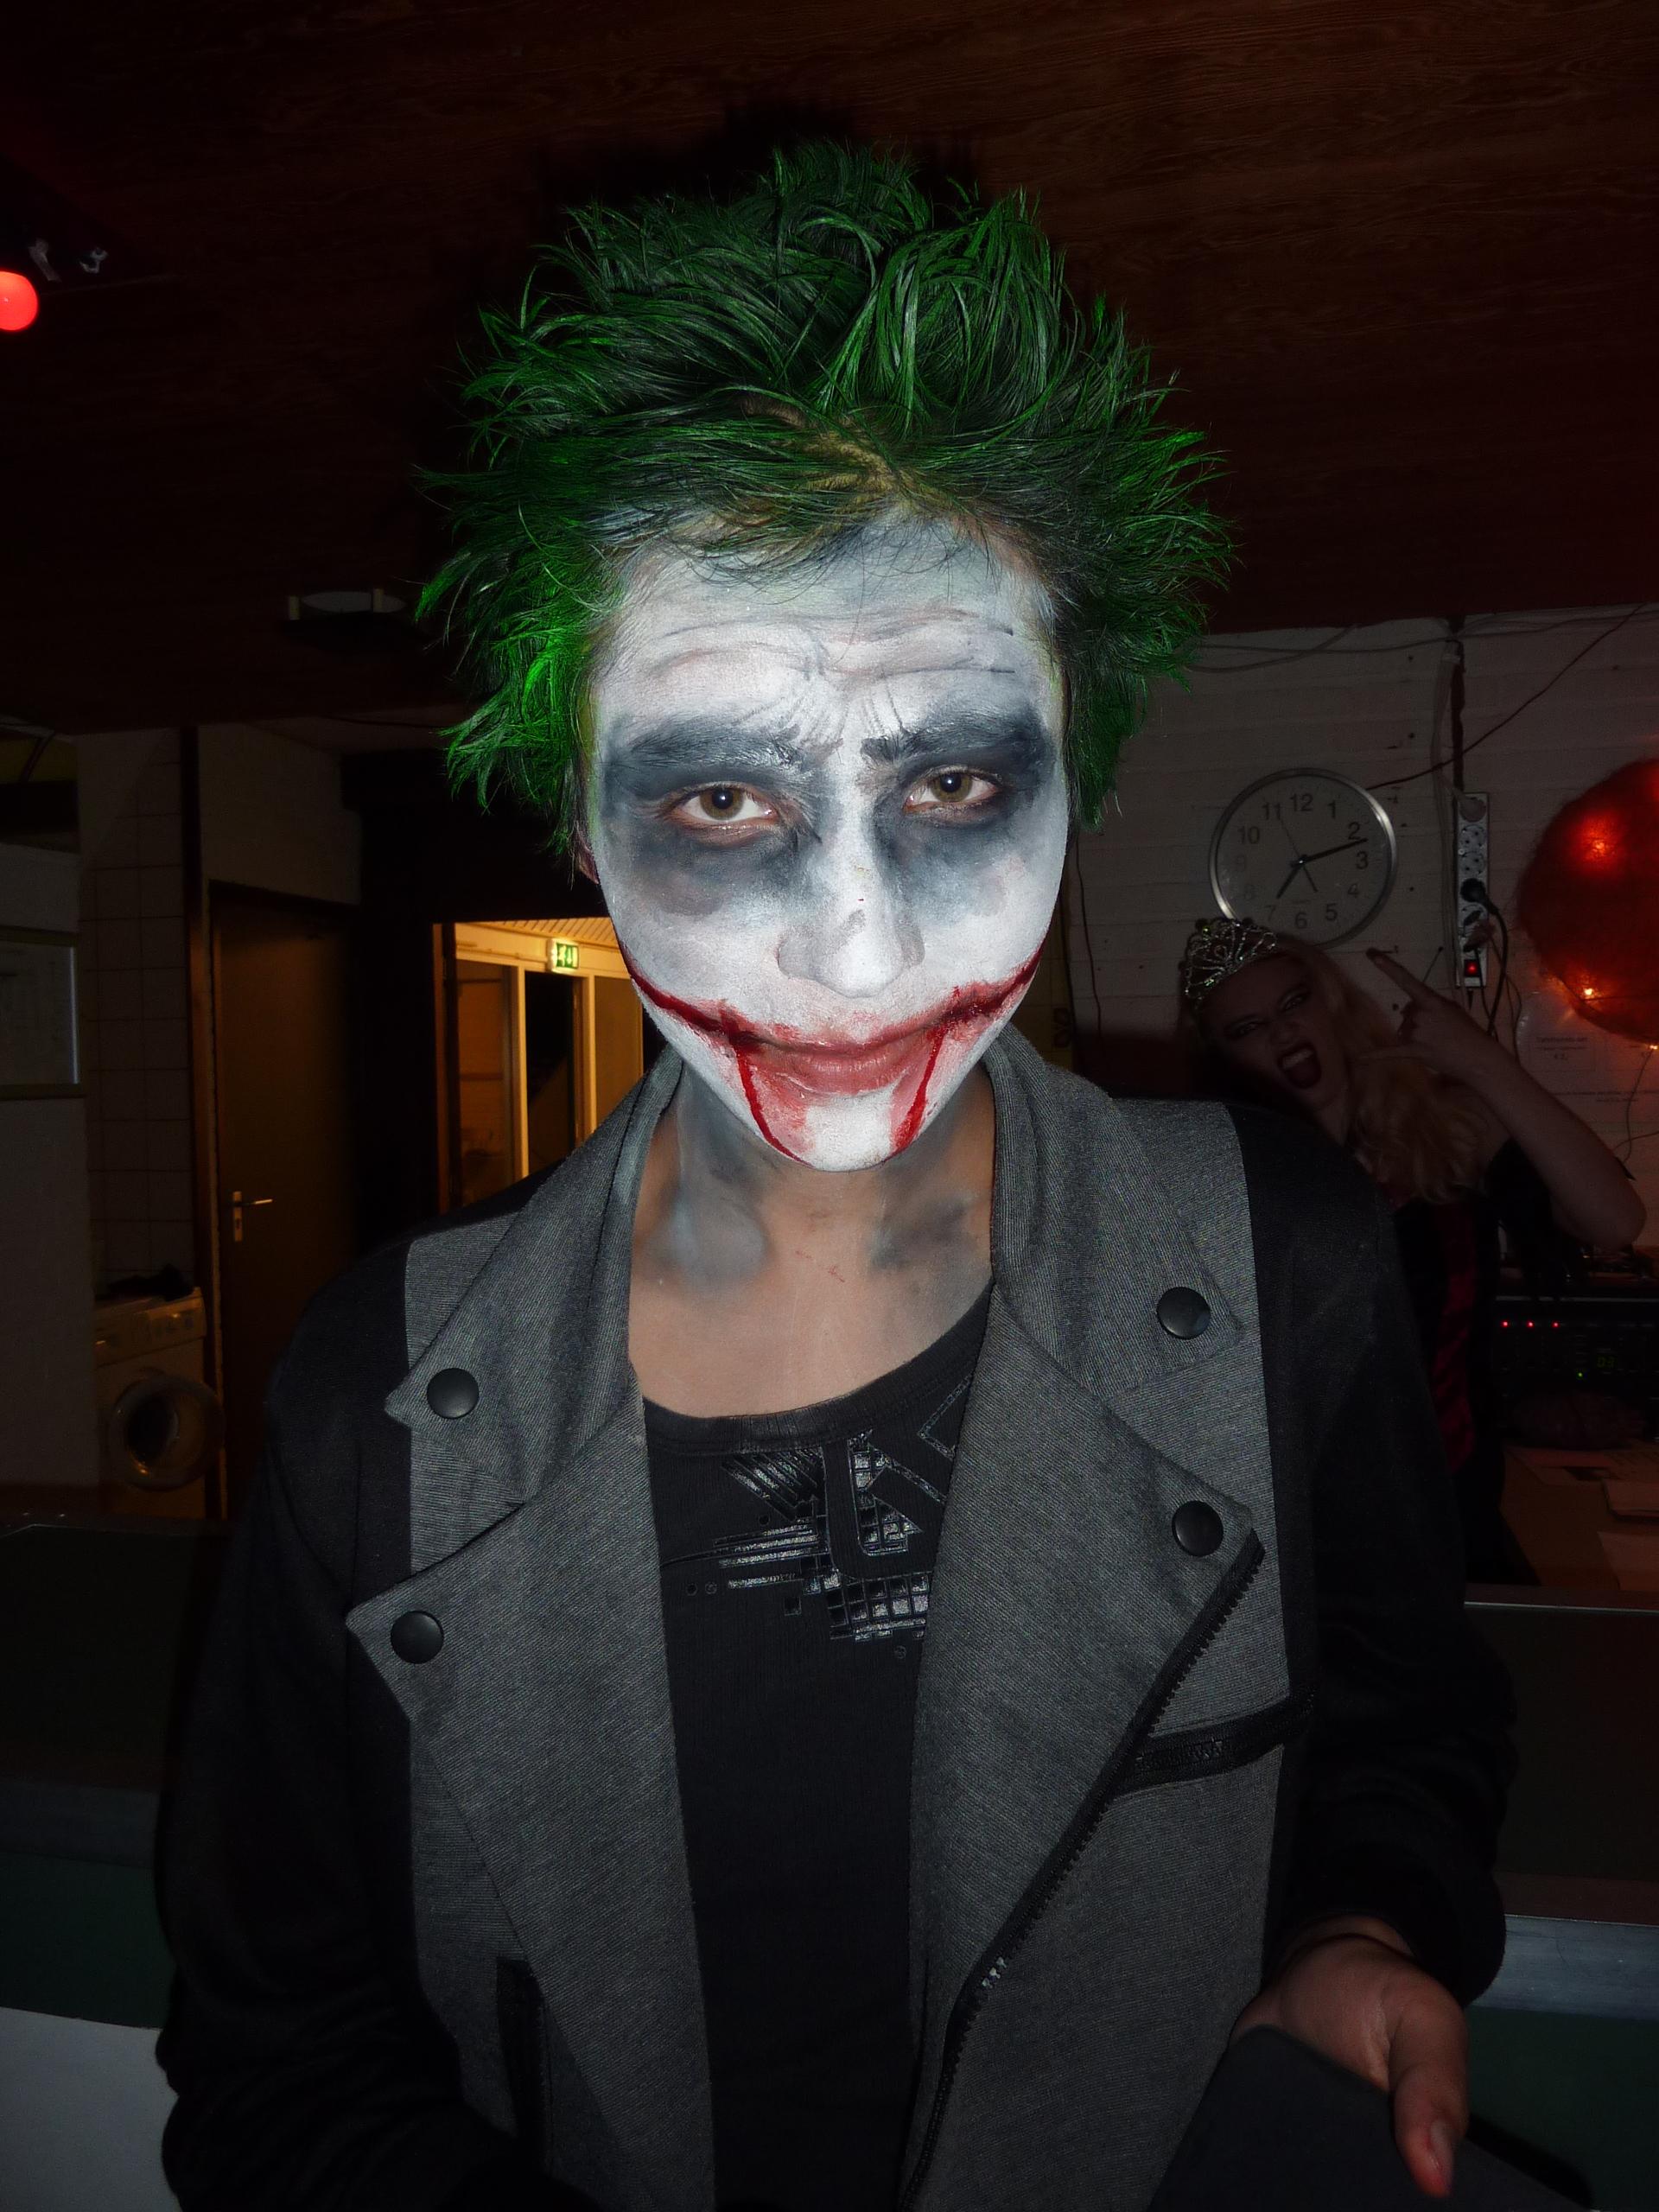 Hoe Ga Je Verkleed Met Halloween.De Vijf Tofste Halloween Outfits Scholieren Com